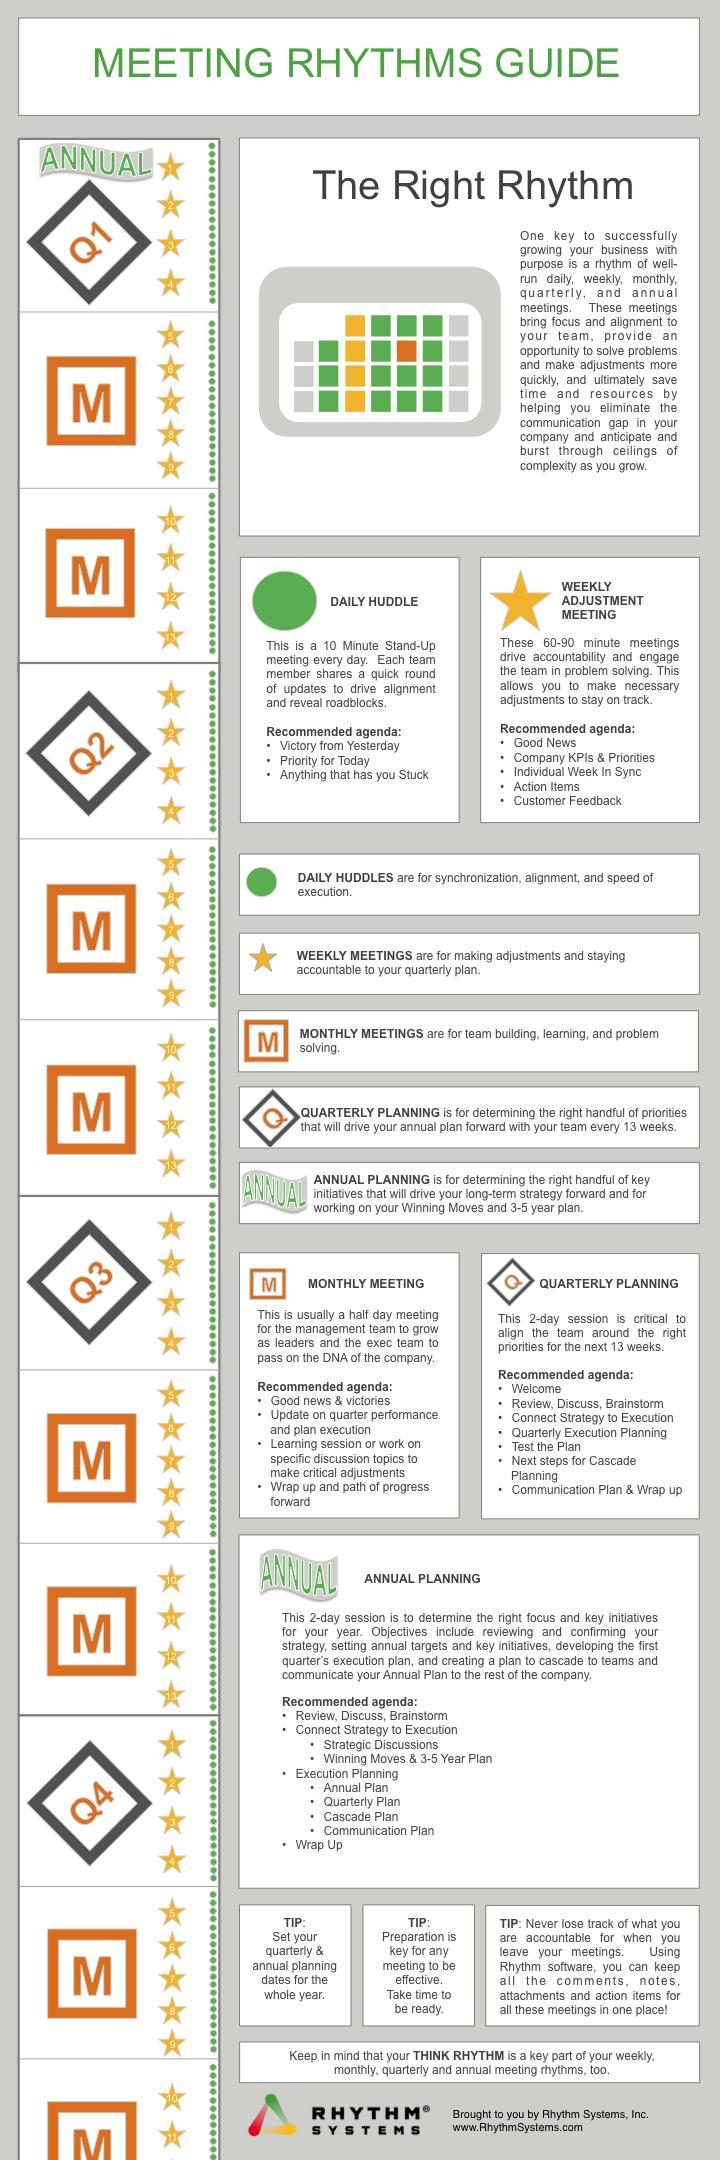 Meeting_Rhythms_Infographic